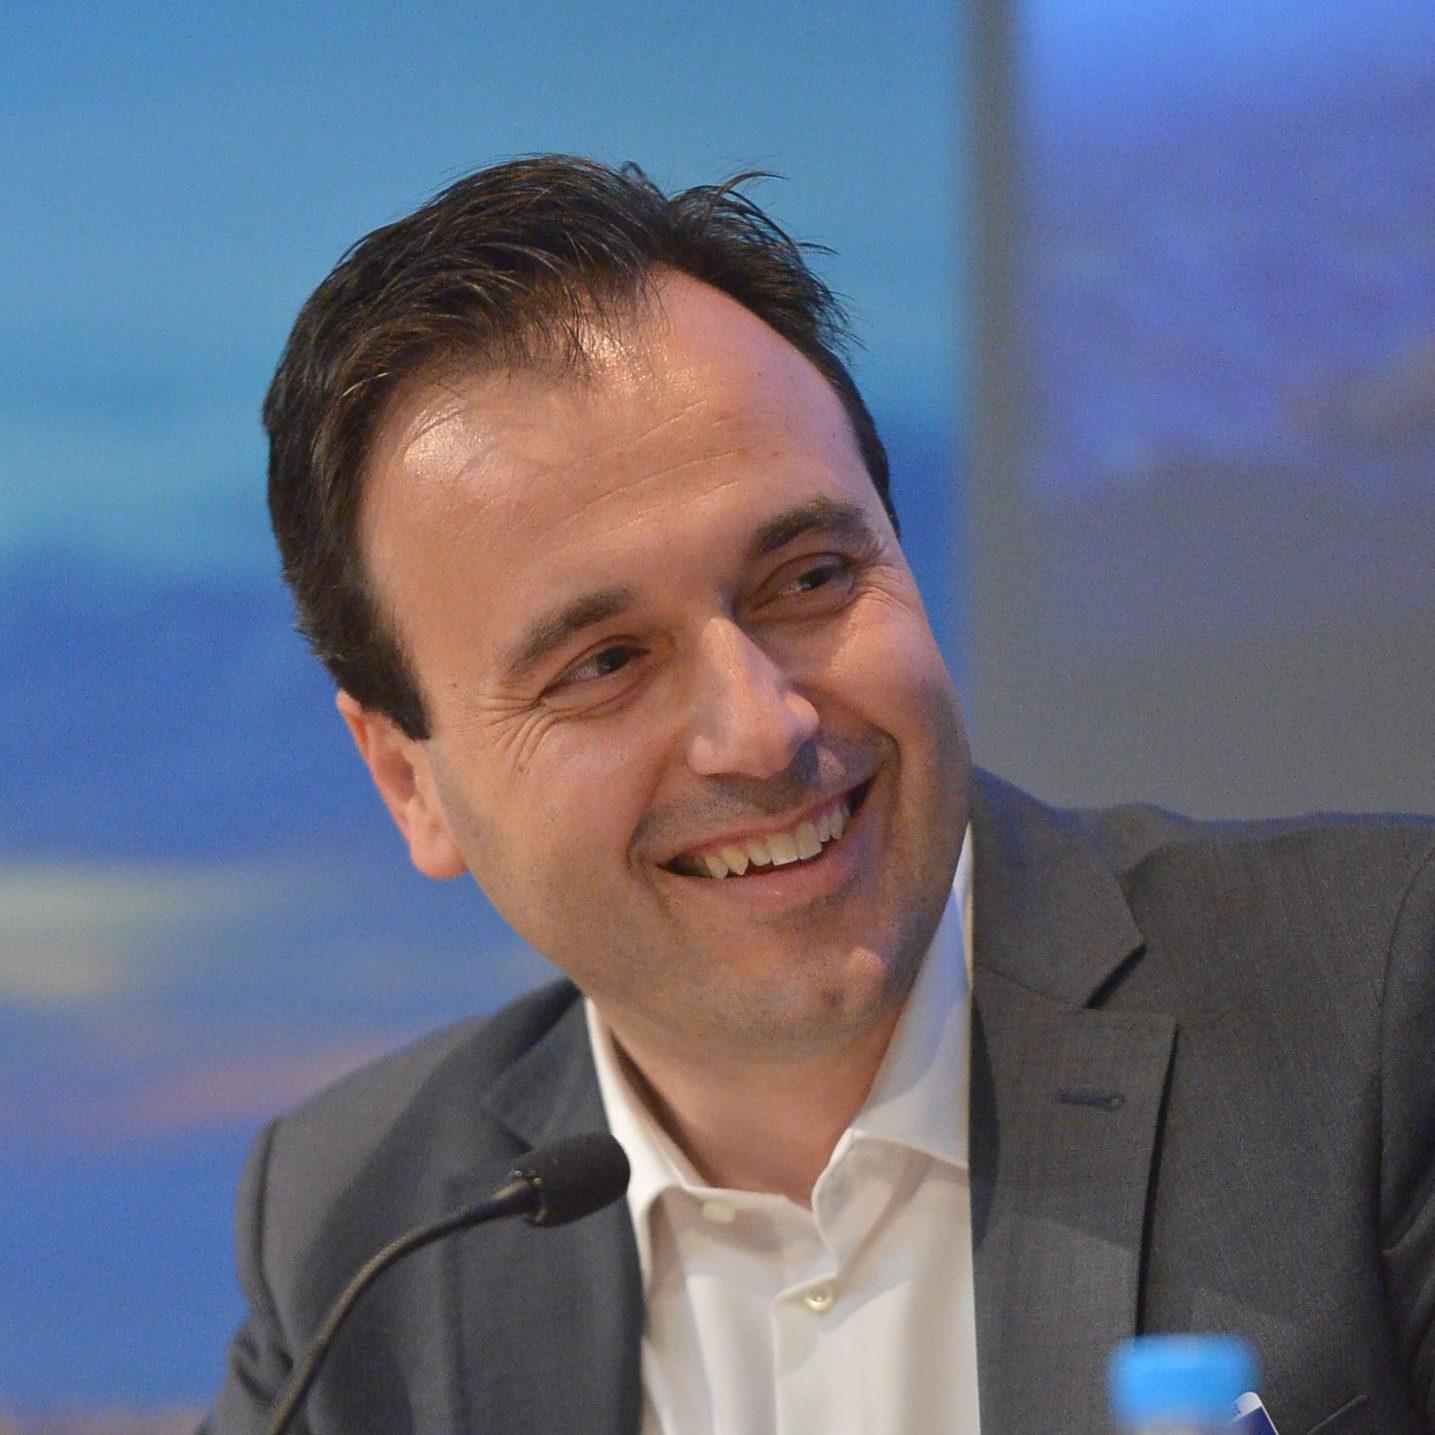 Dimitris Papastergiou